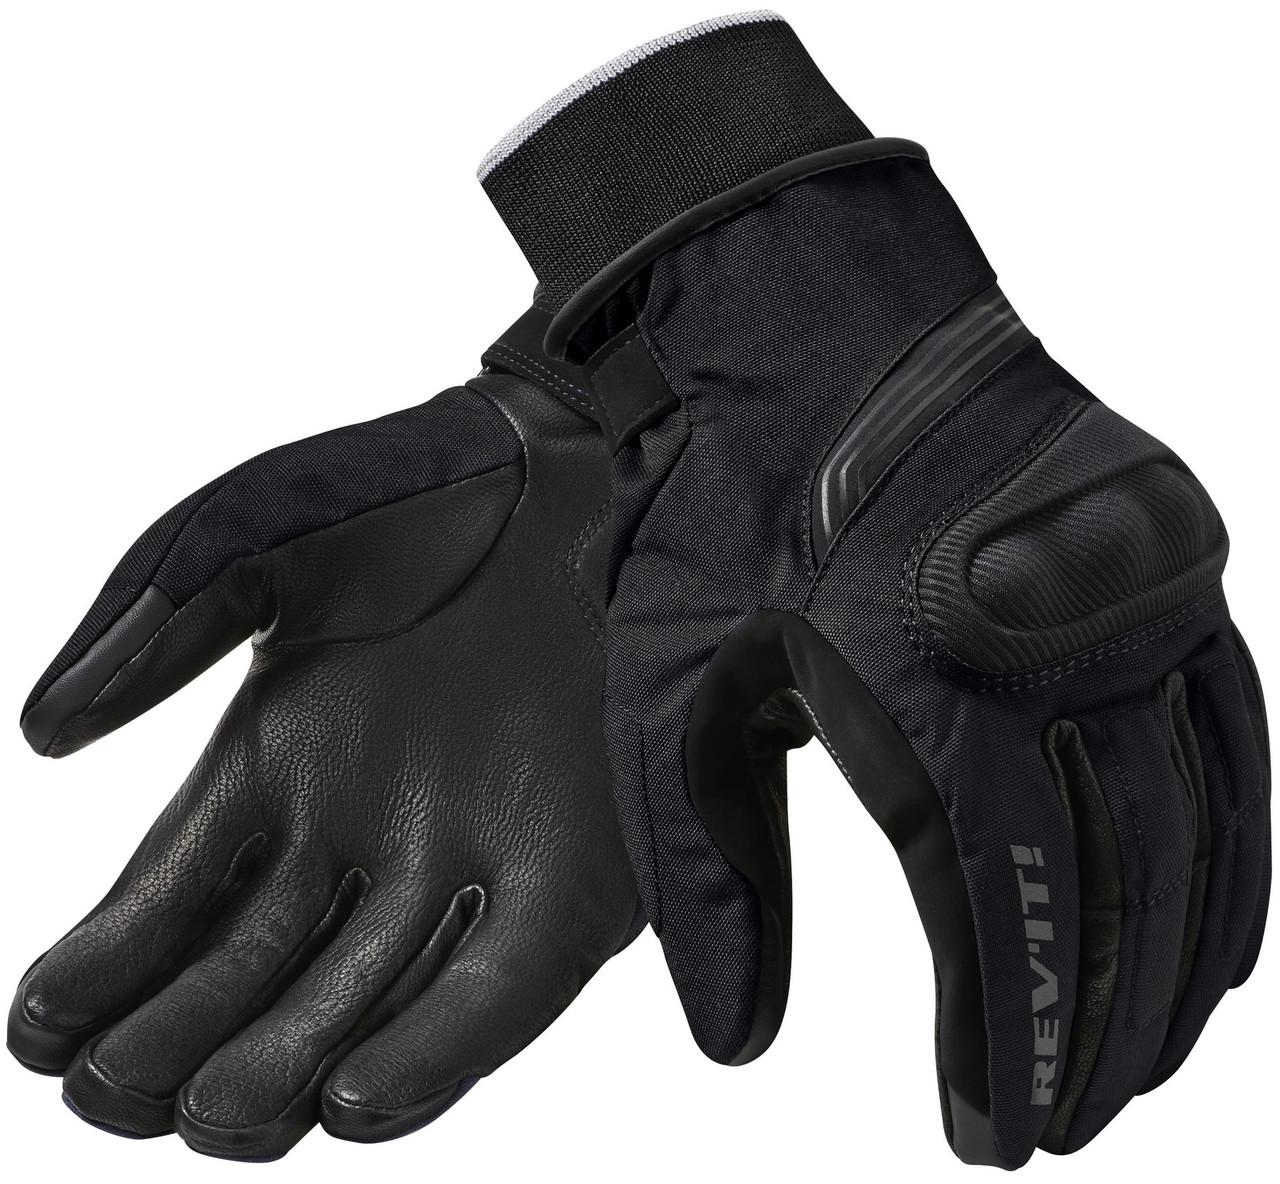 Перчатки Rev'it Hydra 2 H2O текстиль черные, XL